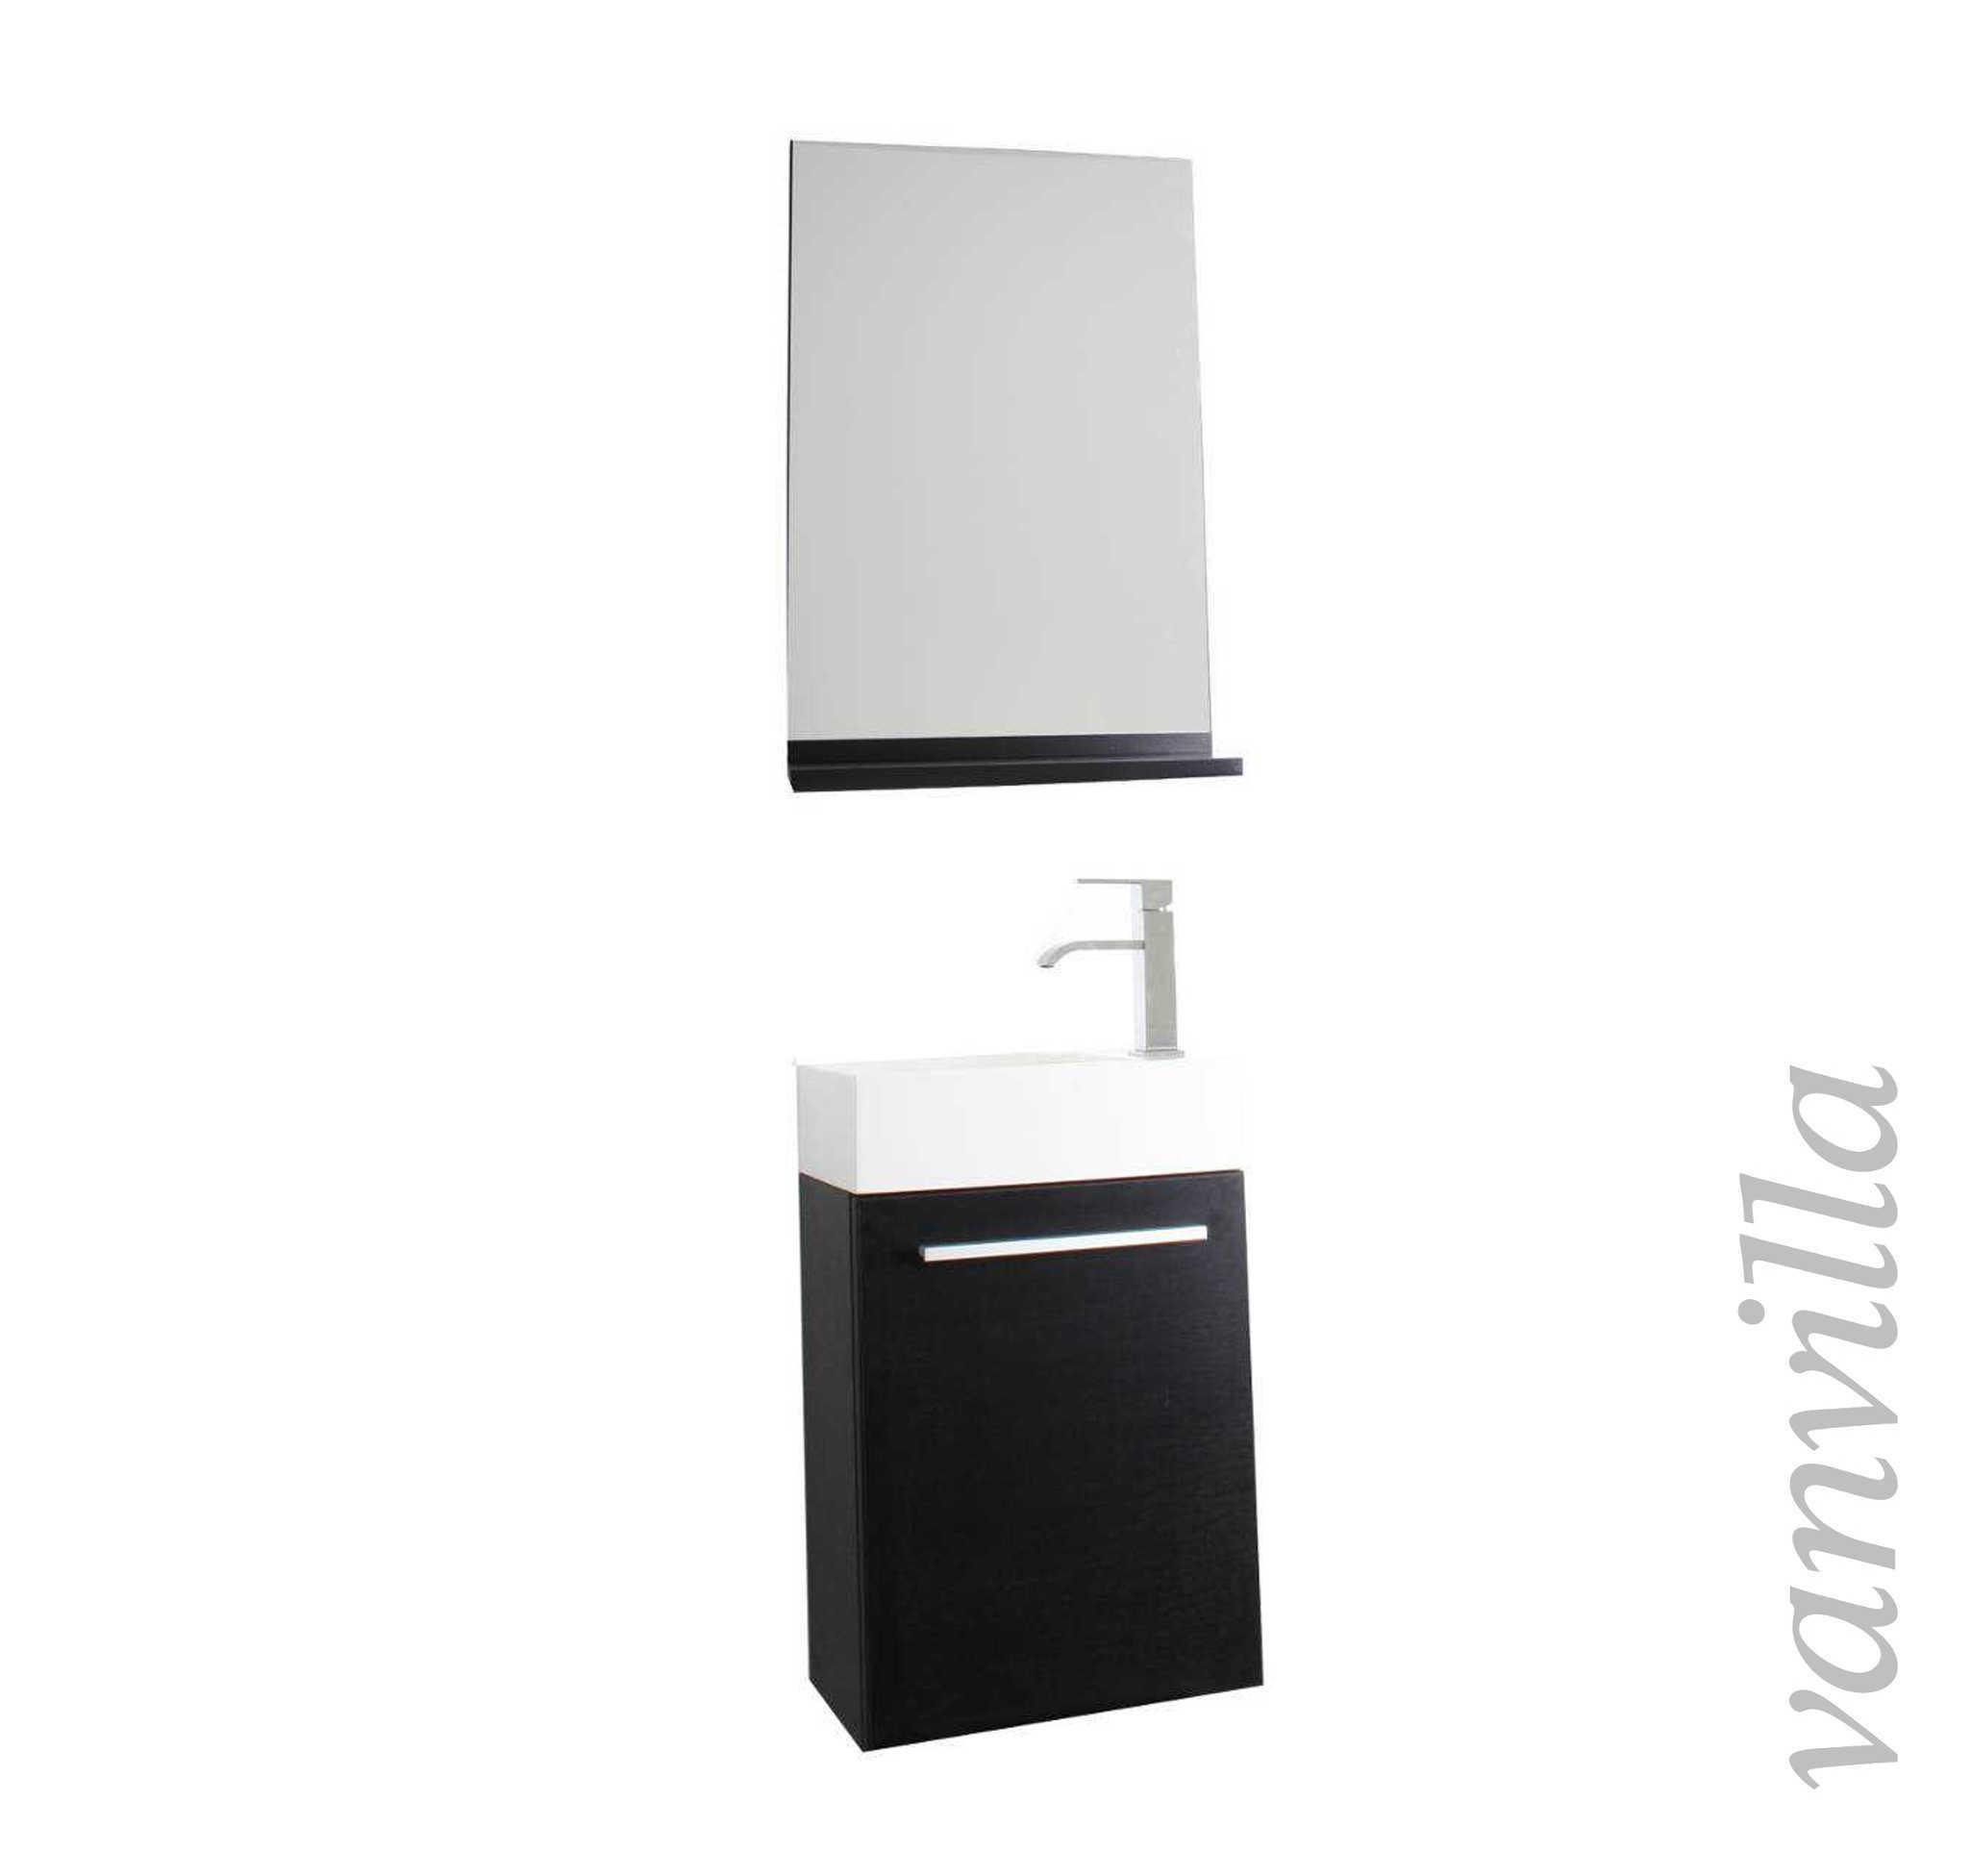 badm bel g ste wc waschtisch spiegel set 6 farben. Black Bedroom Furniture Sets. Home Design Ideas